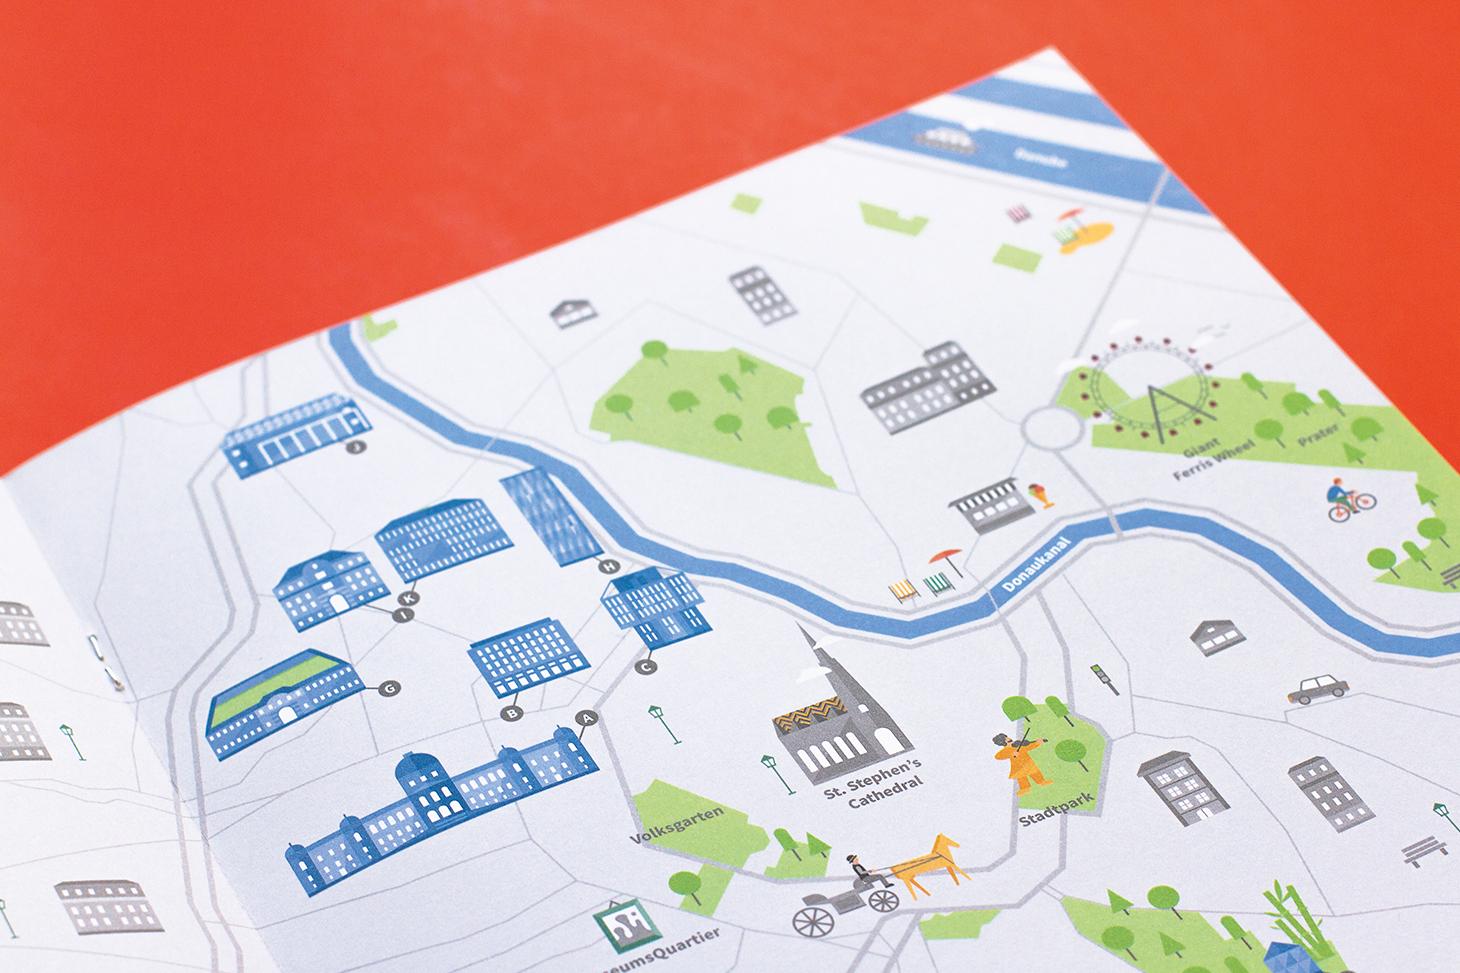 Design fuer einen Stadtplan